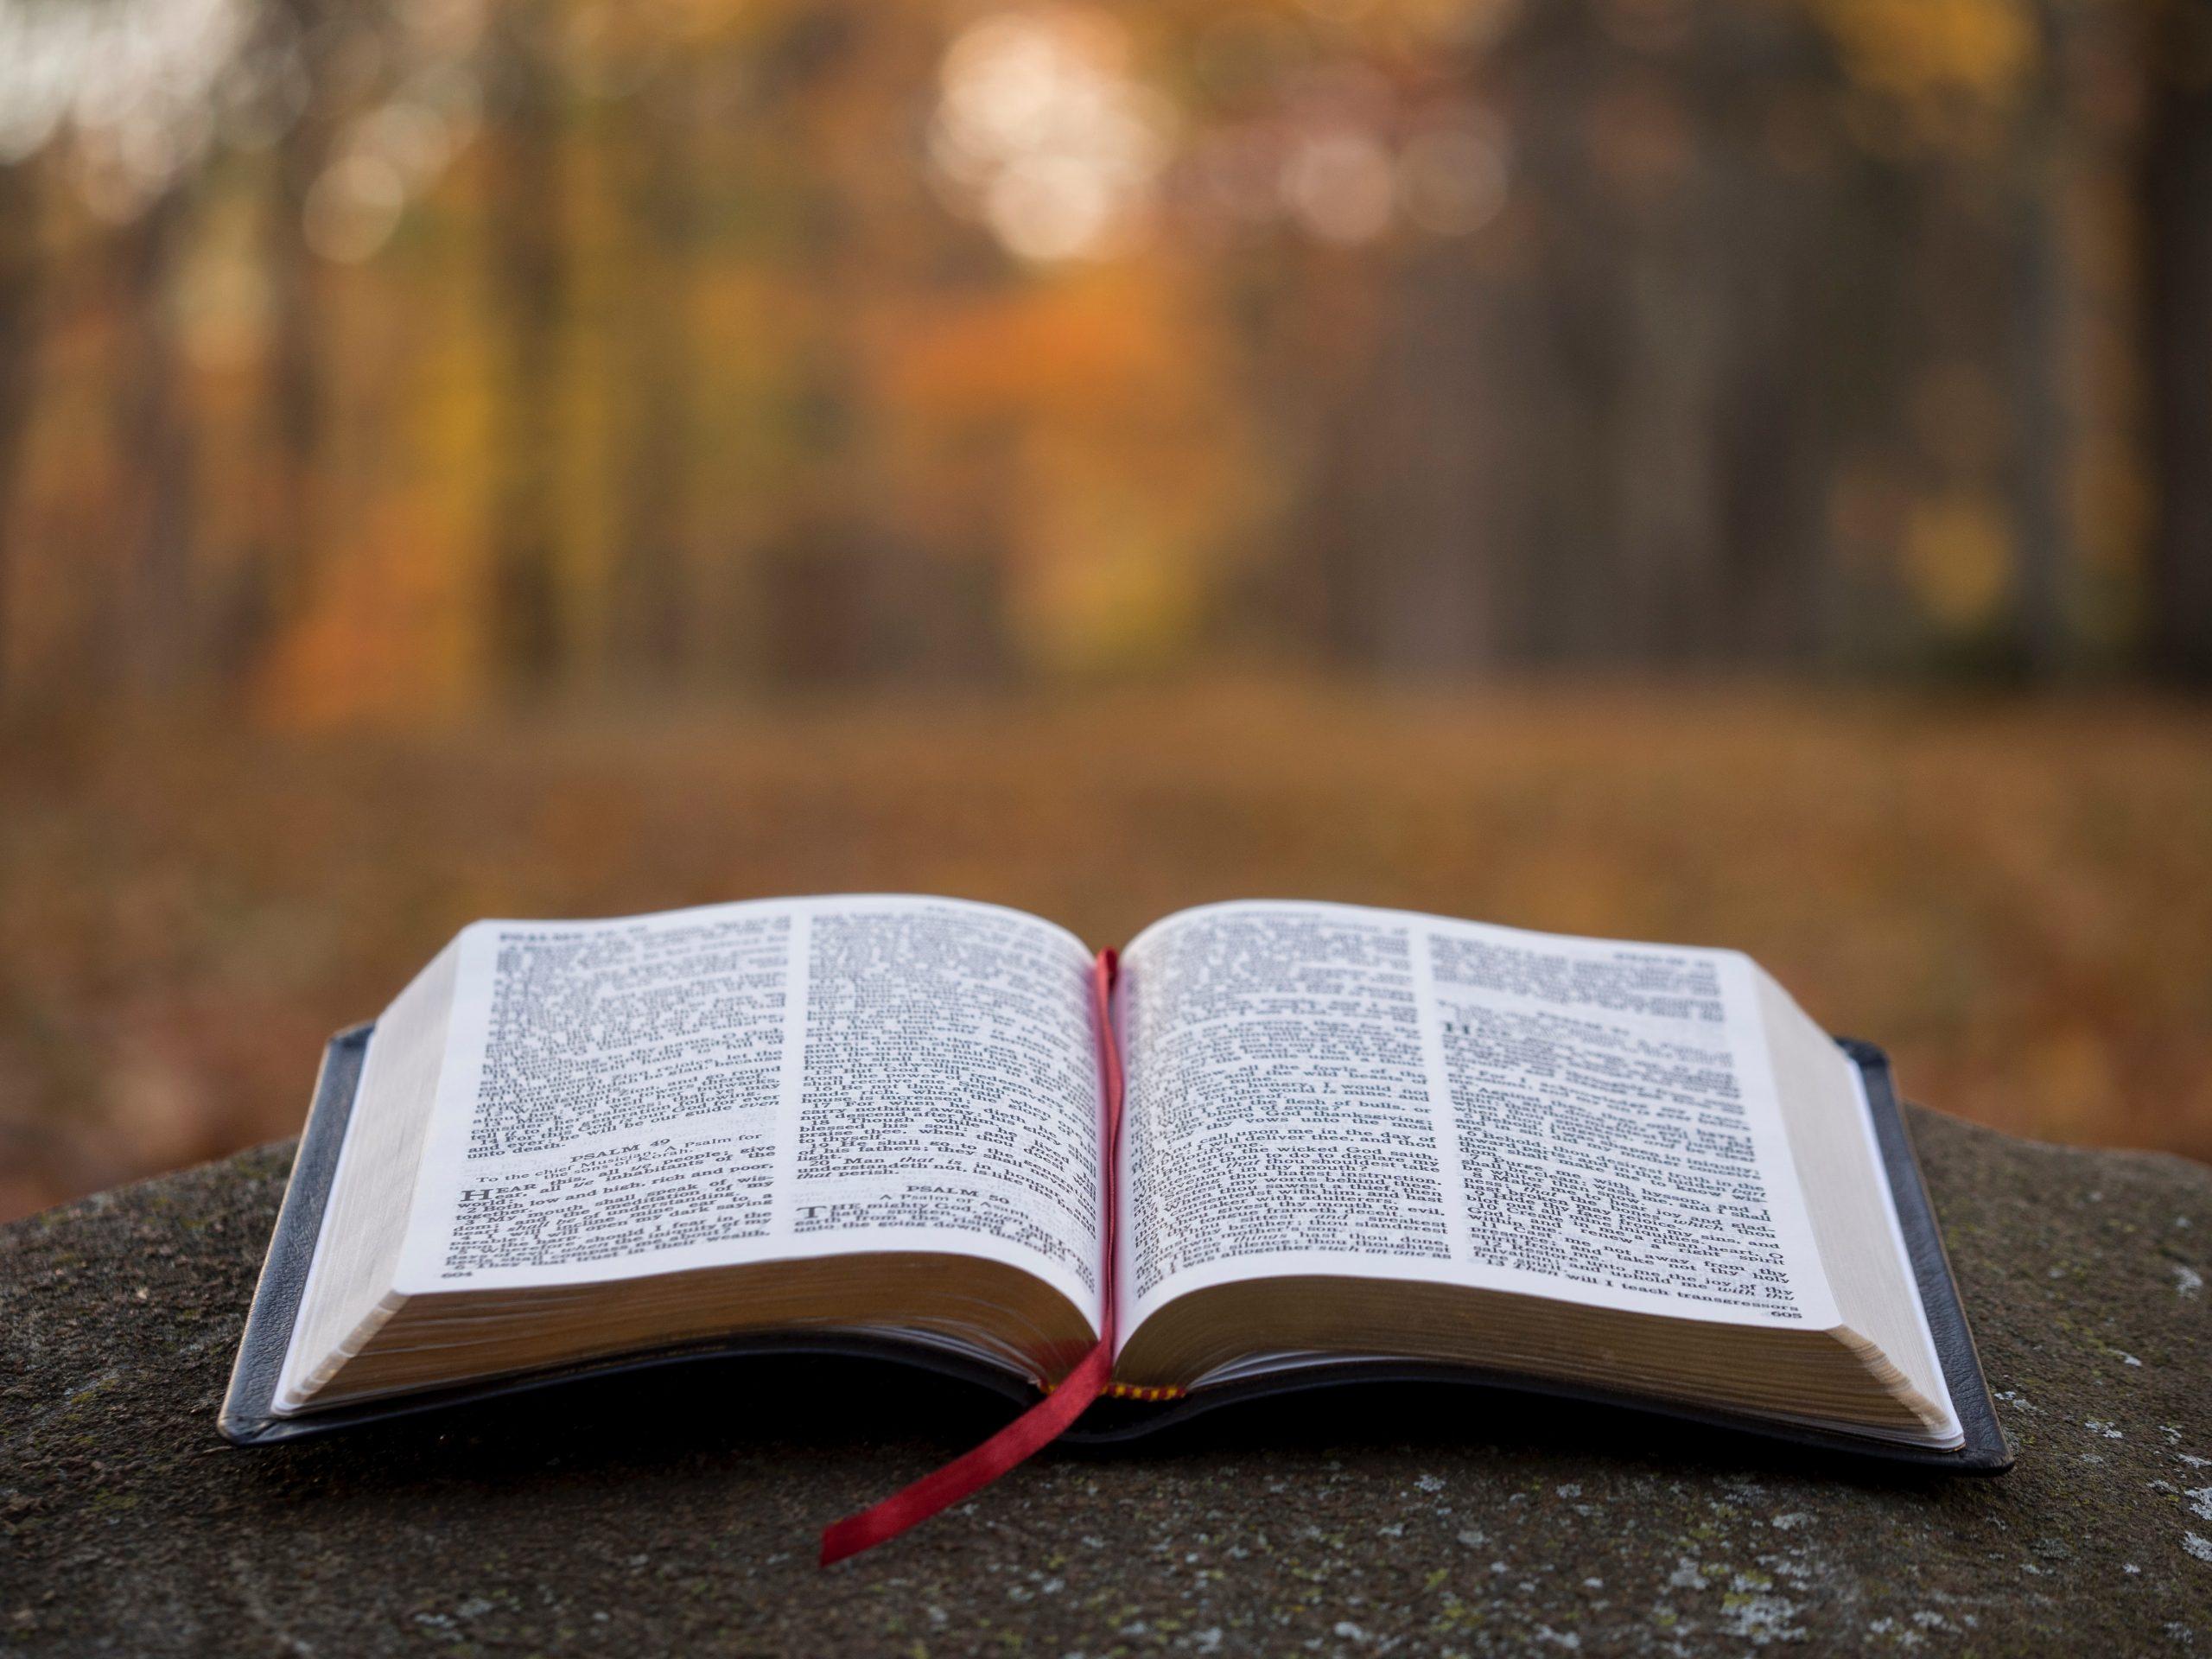 Blasphemie und Toleranz